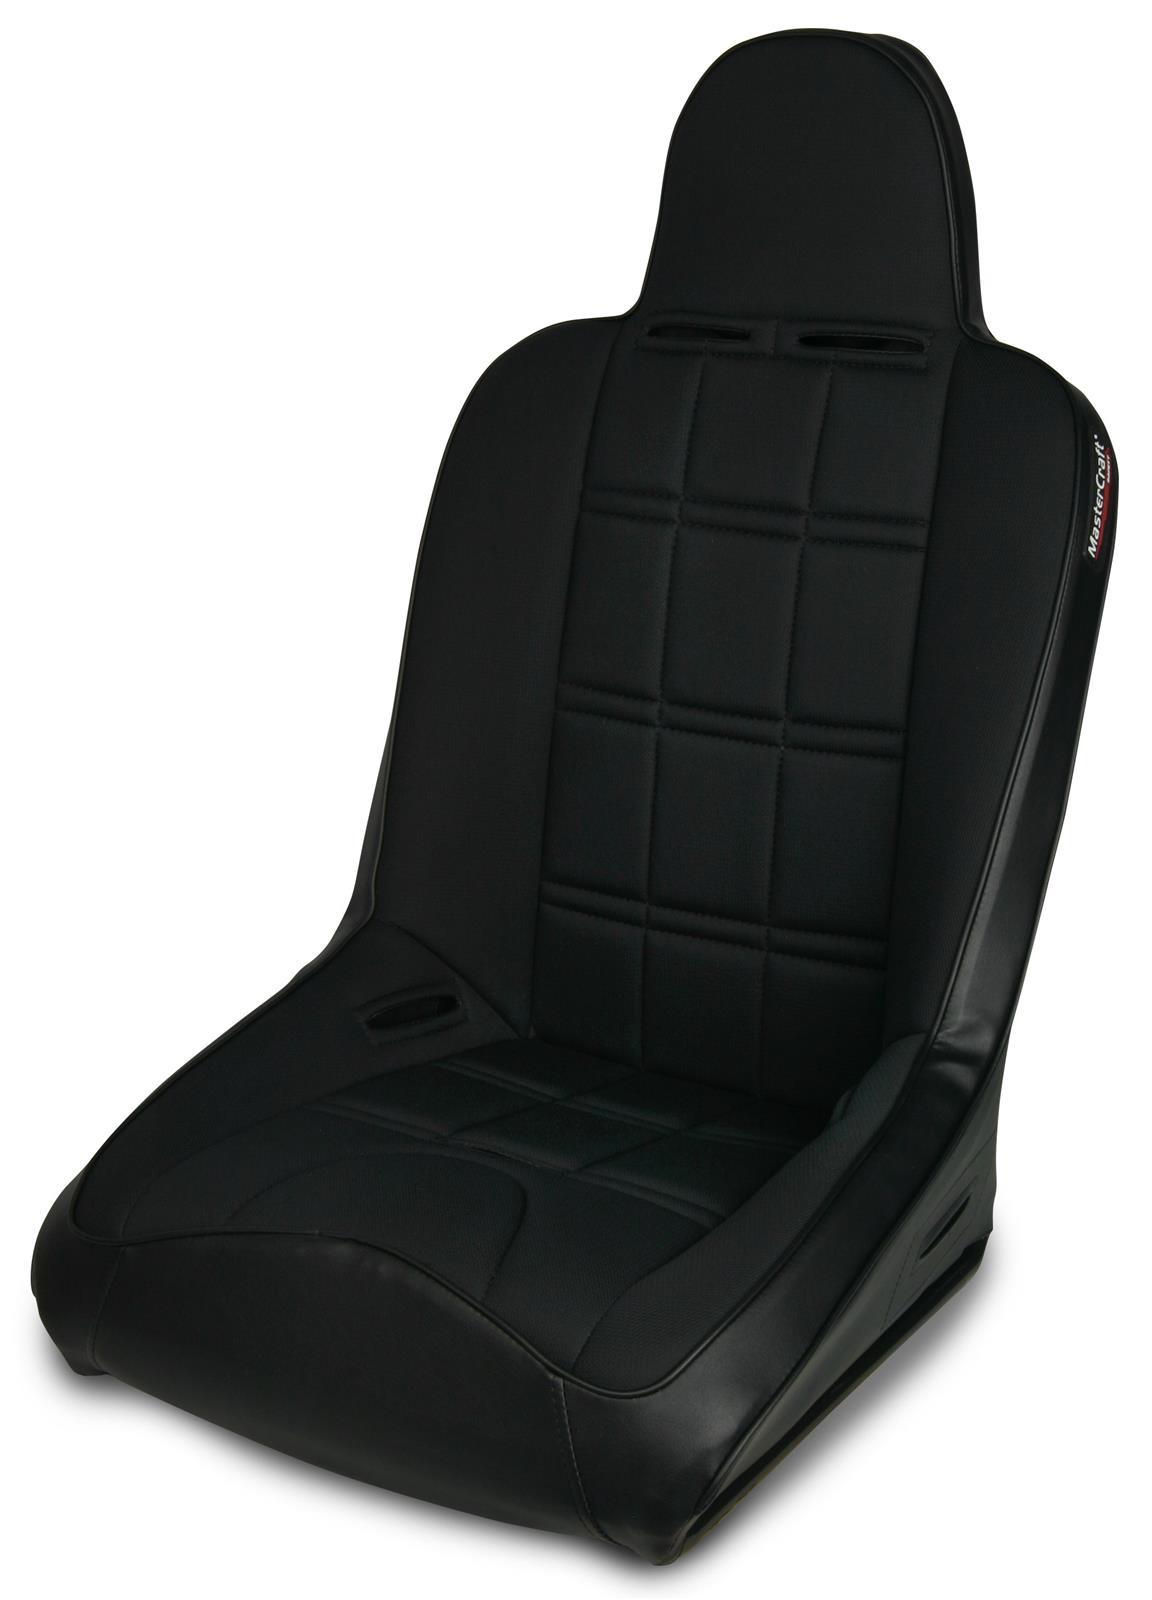 Black//Black MasterCraft 530004 Nomad Seat with Fixed Headrest